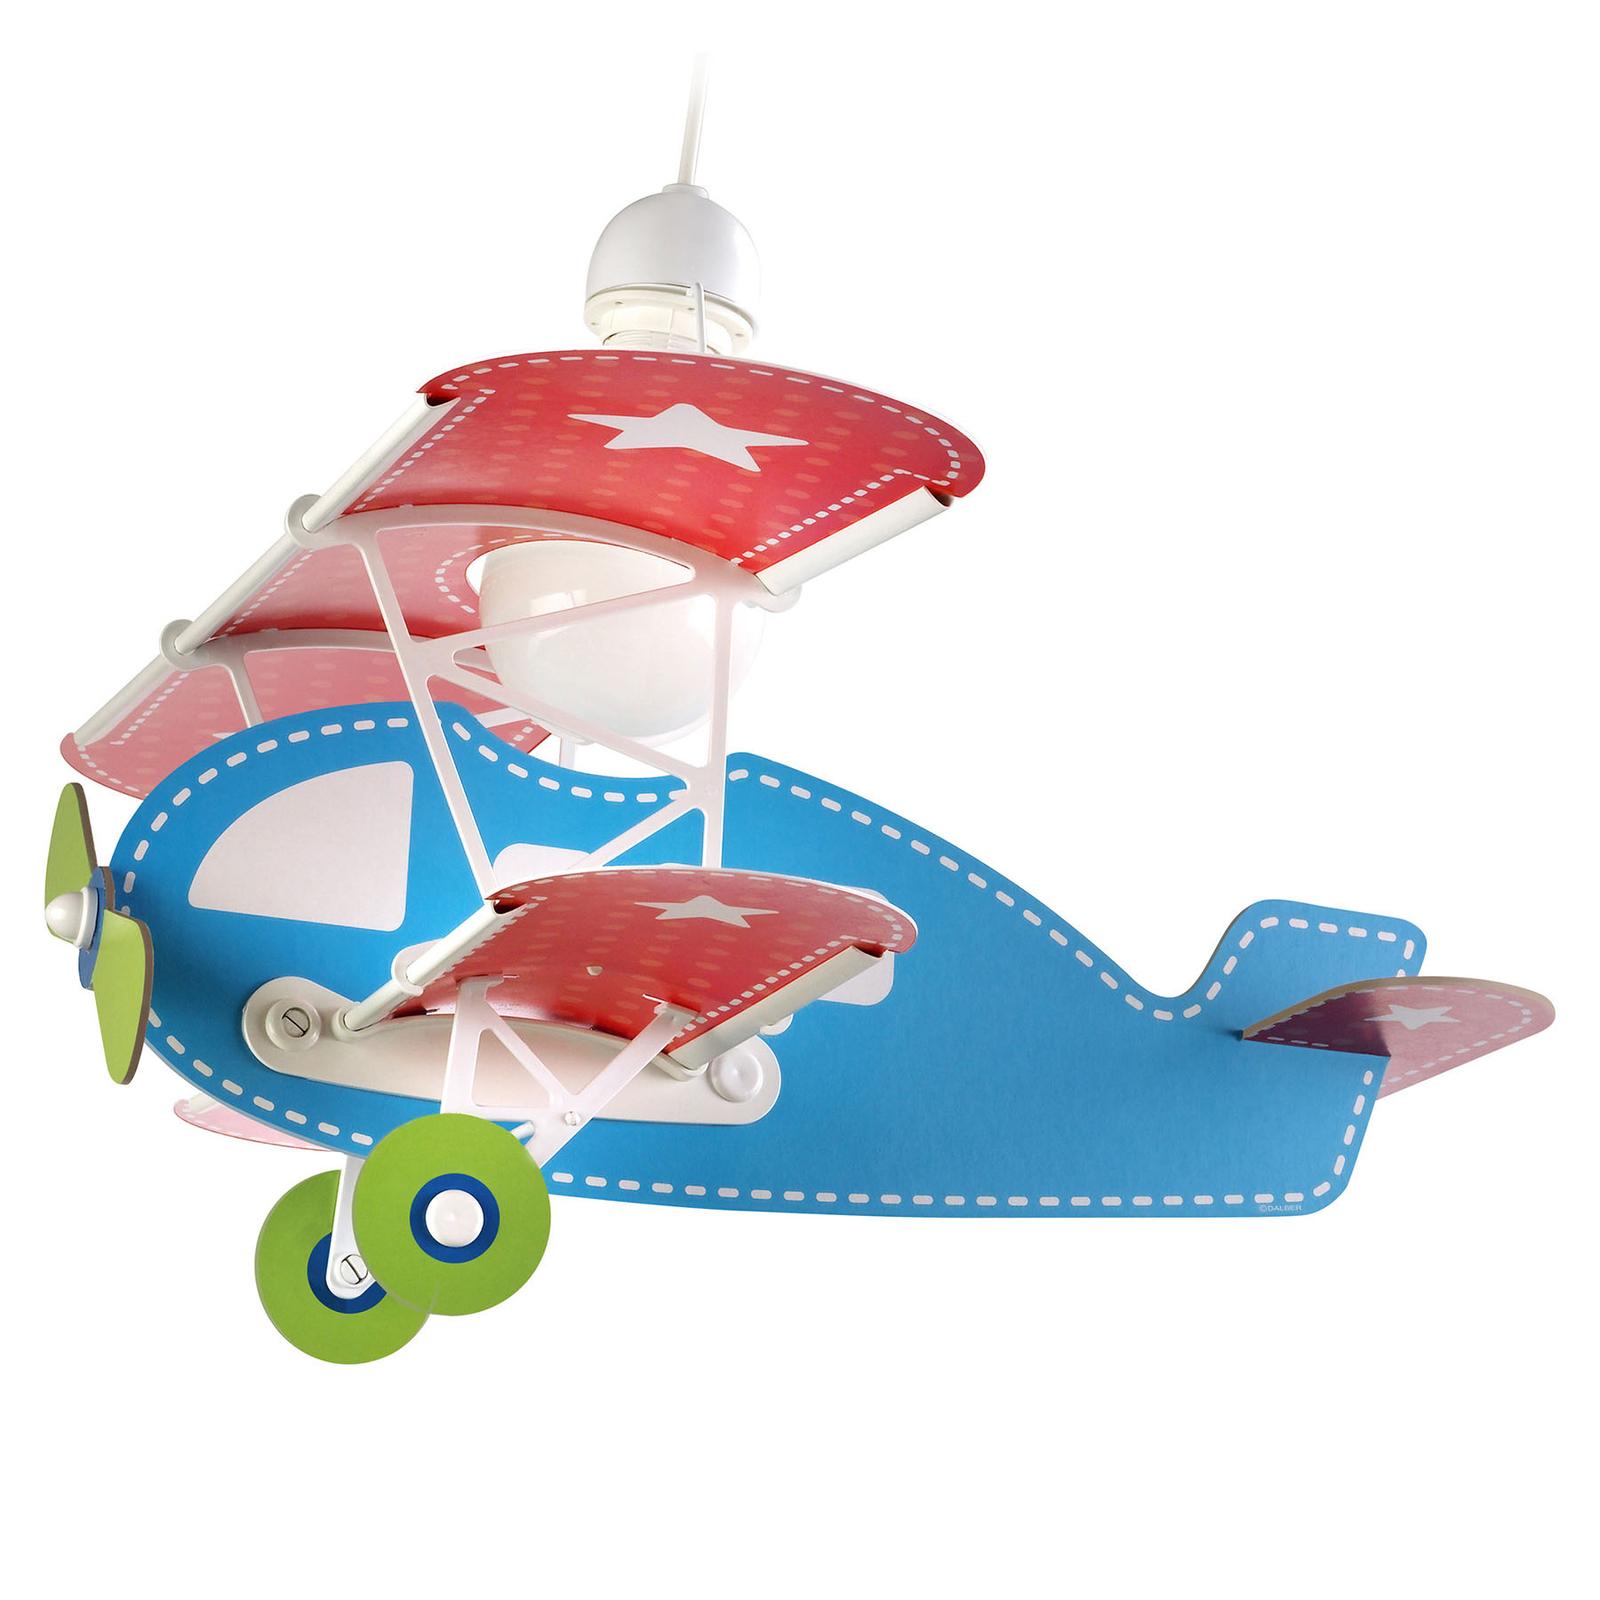 Lampada a sospensione Baby Plane, colorata